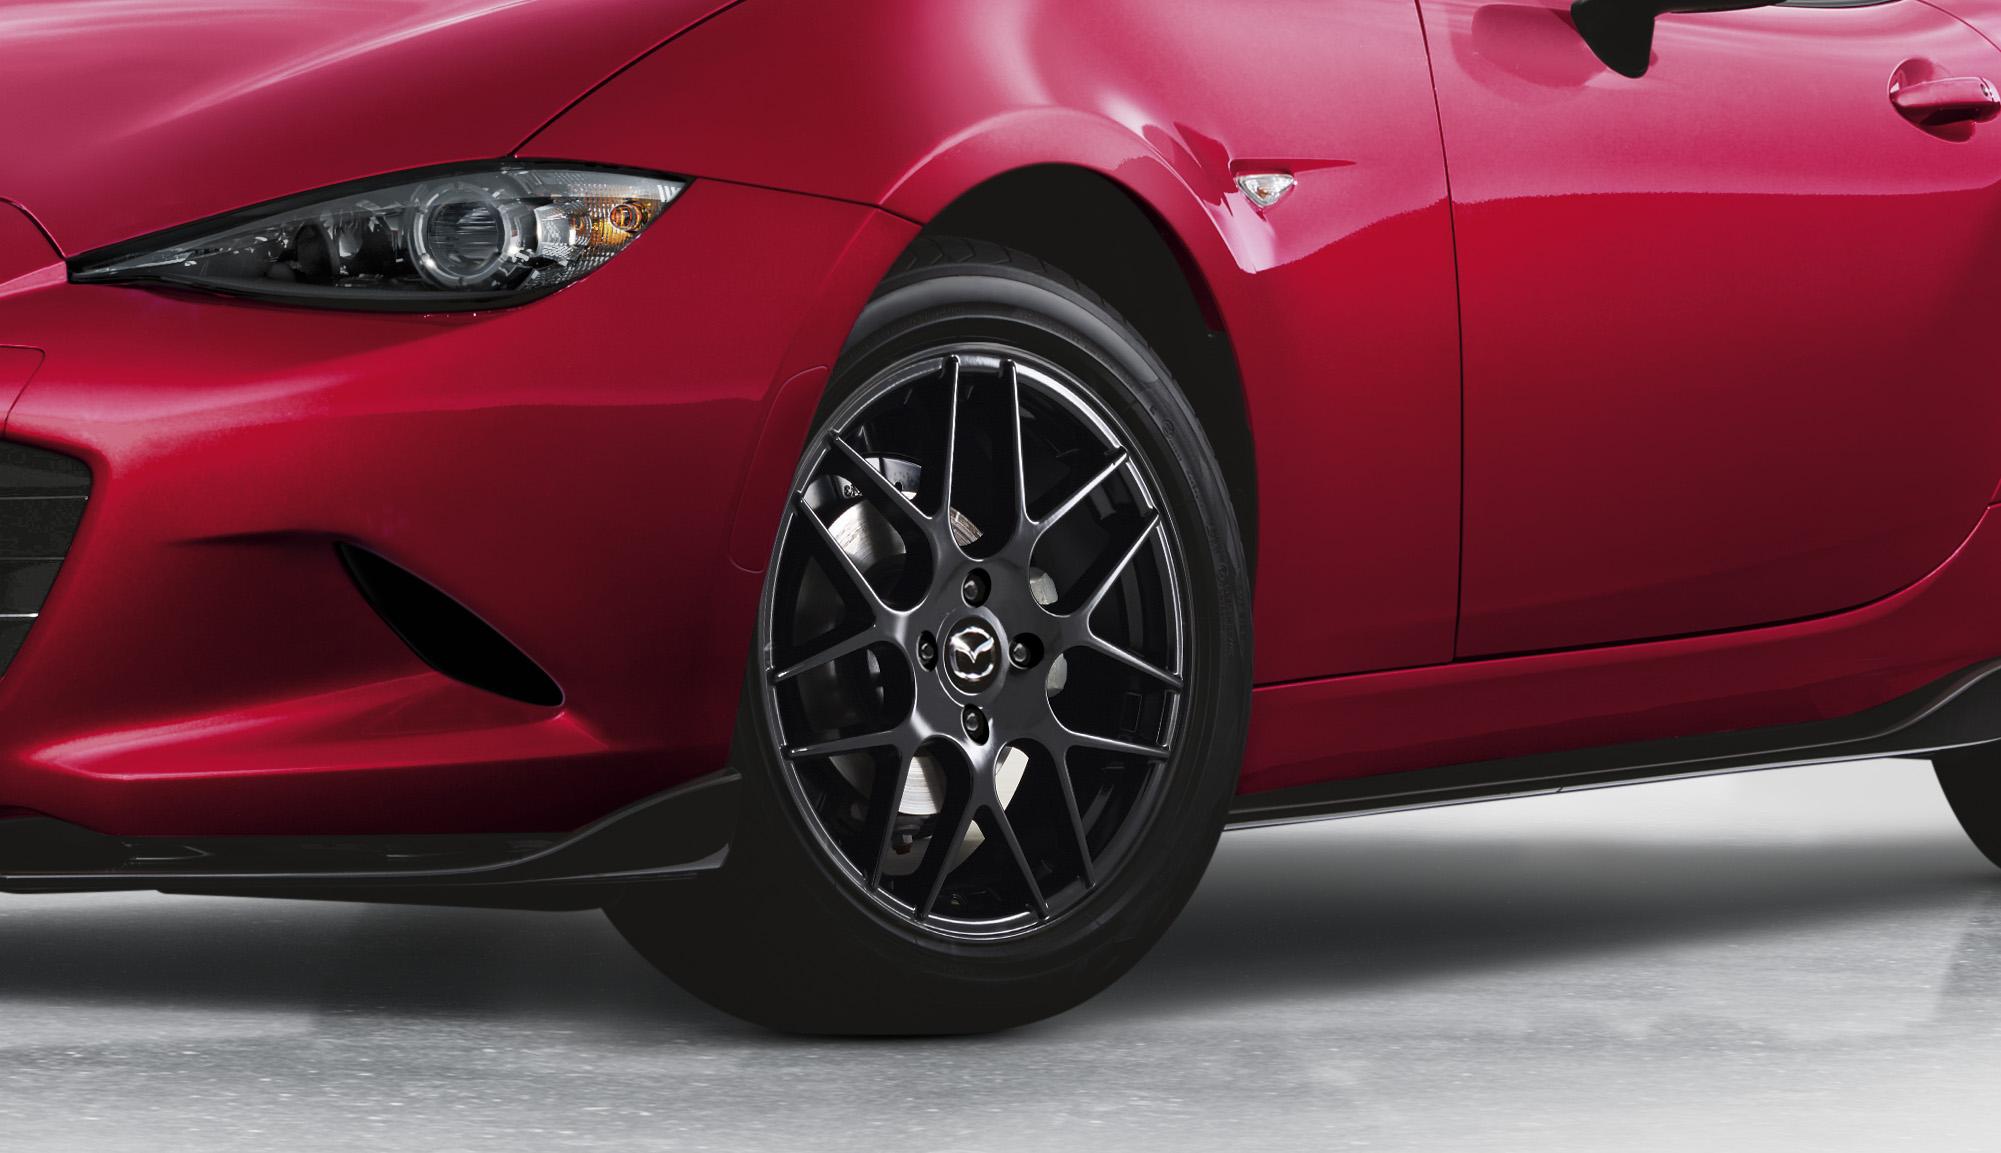 Mazda mx5 accessories